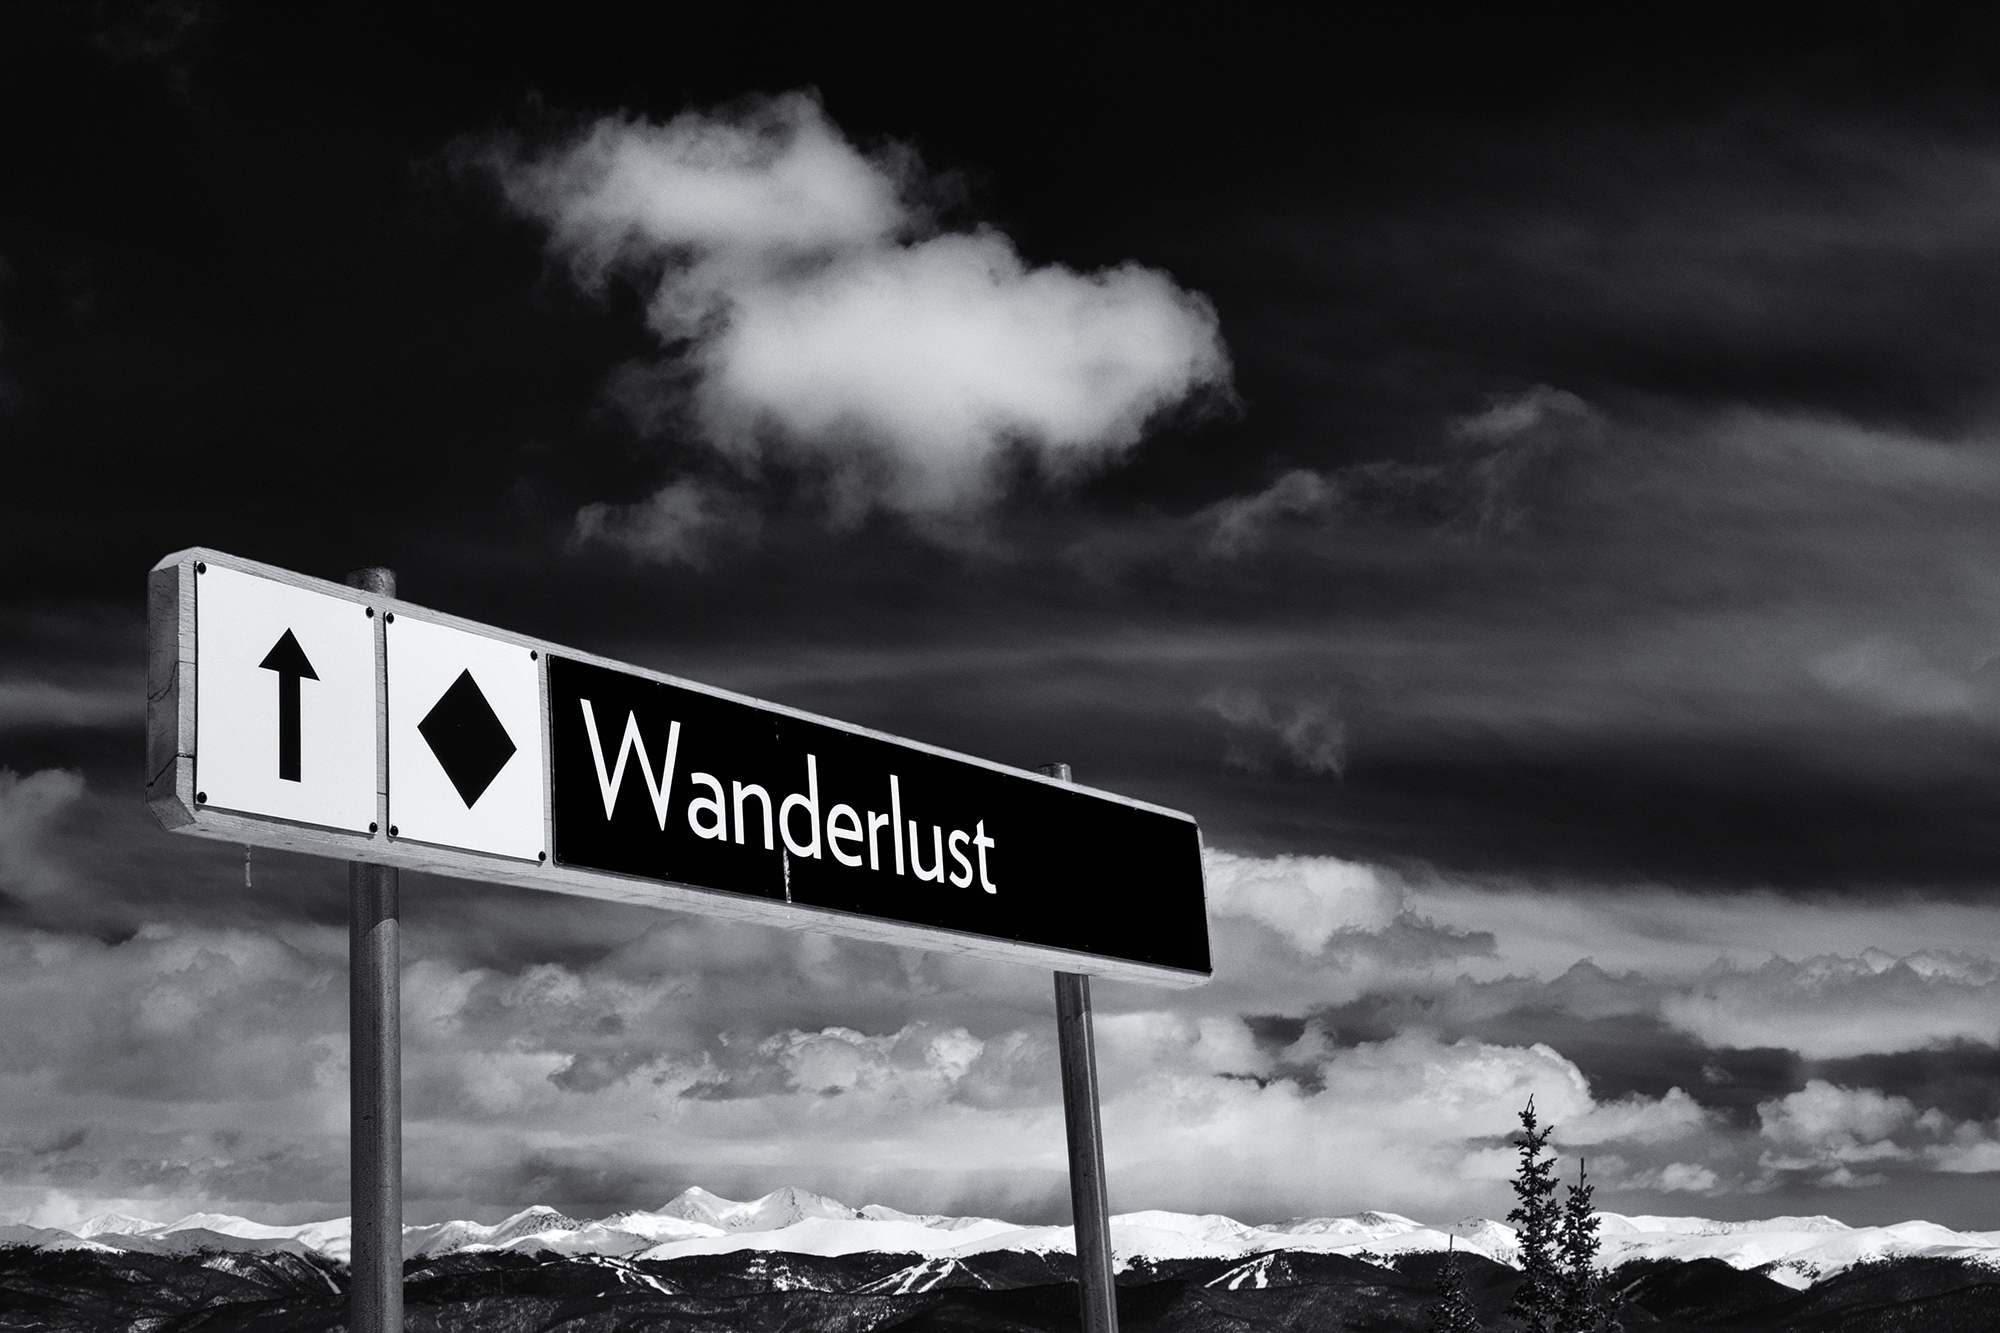 Wanderlust. Breckenridge, Colorado, 2017